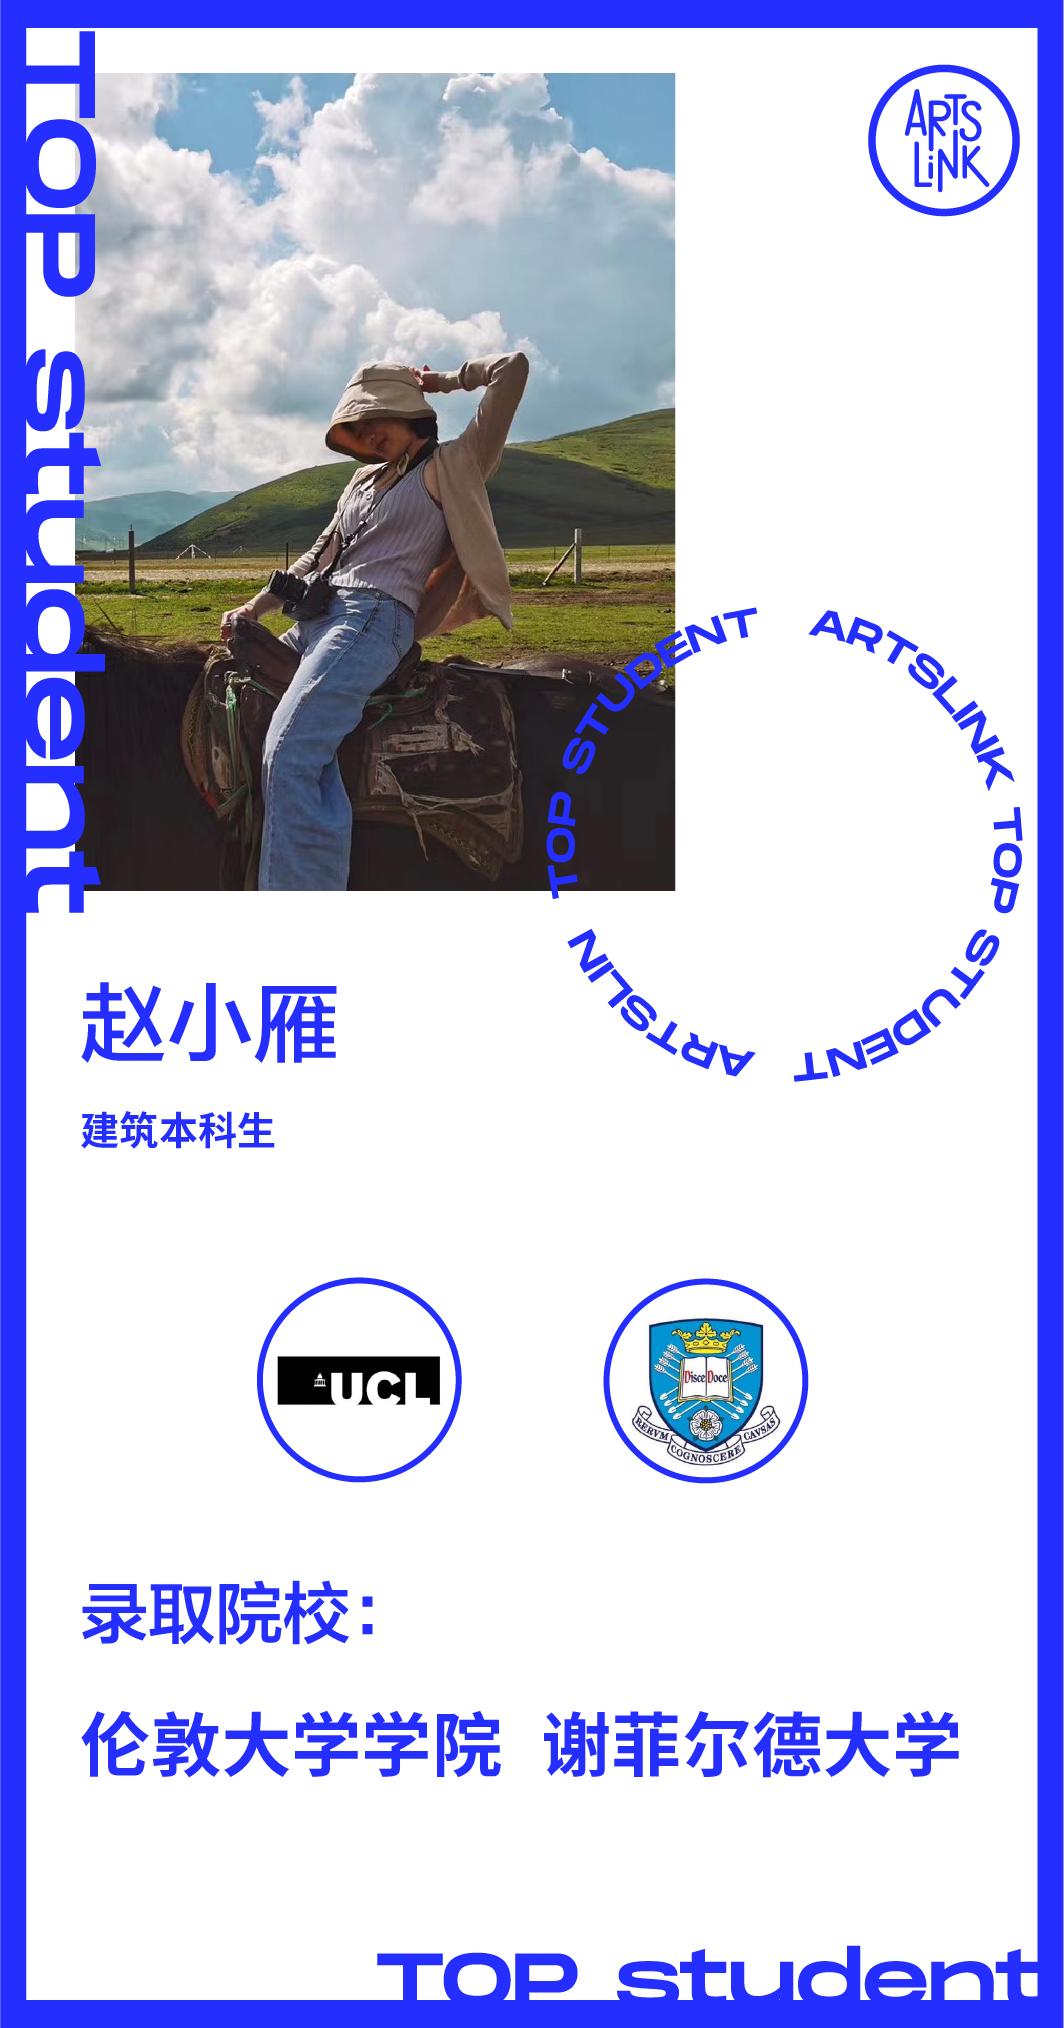 微信图片_20201102182701.png